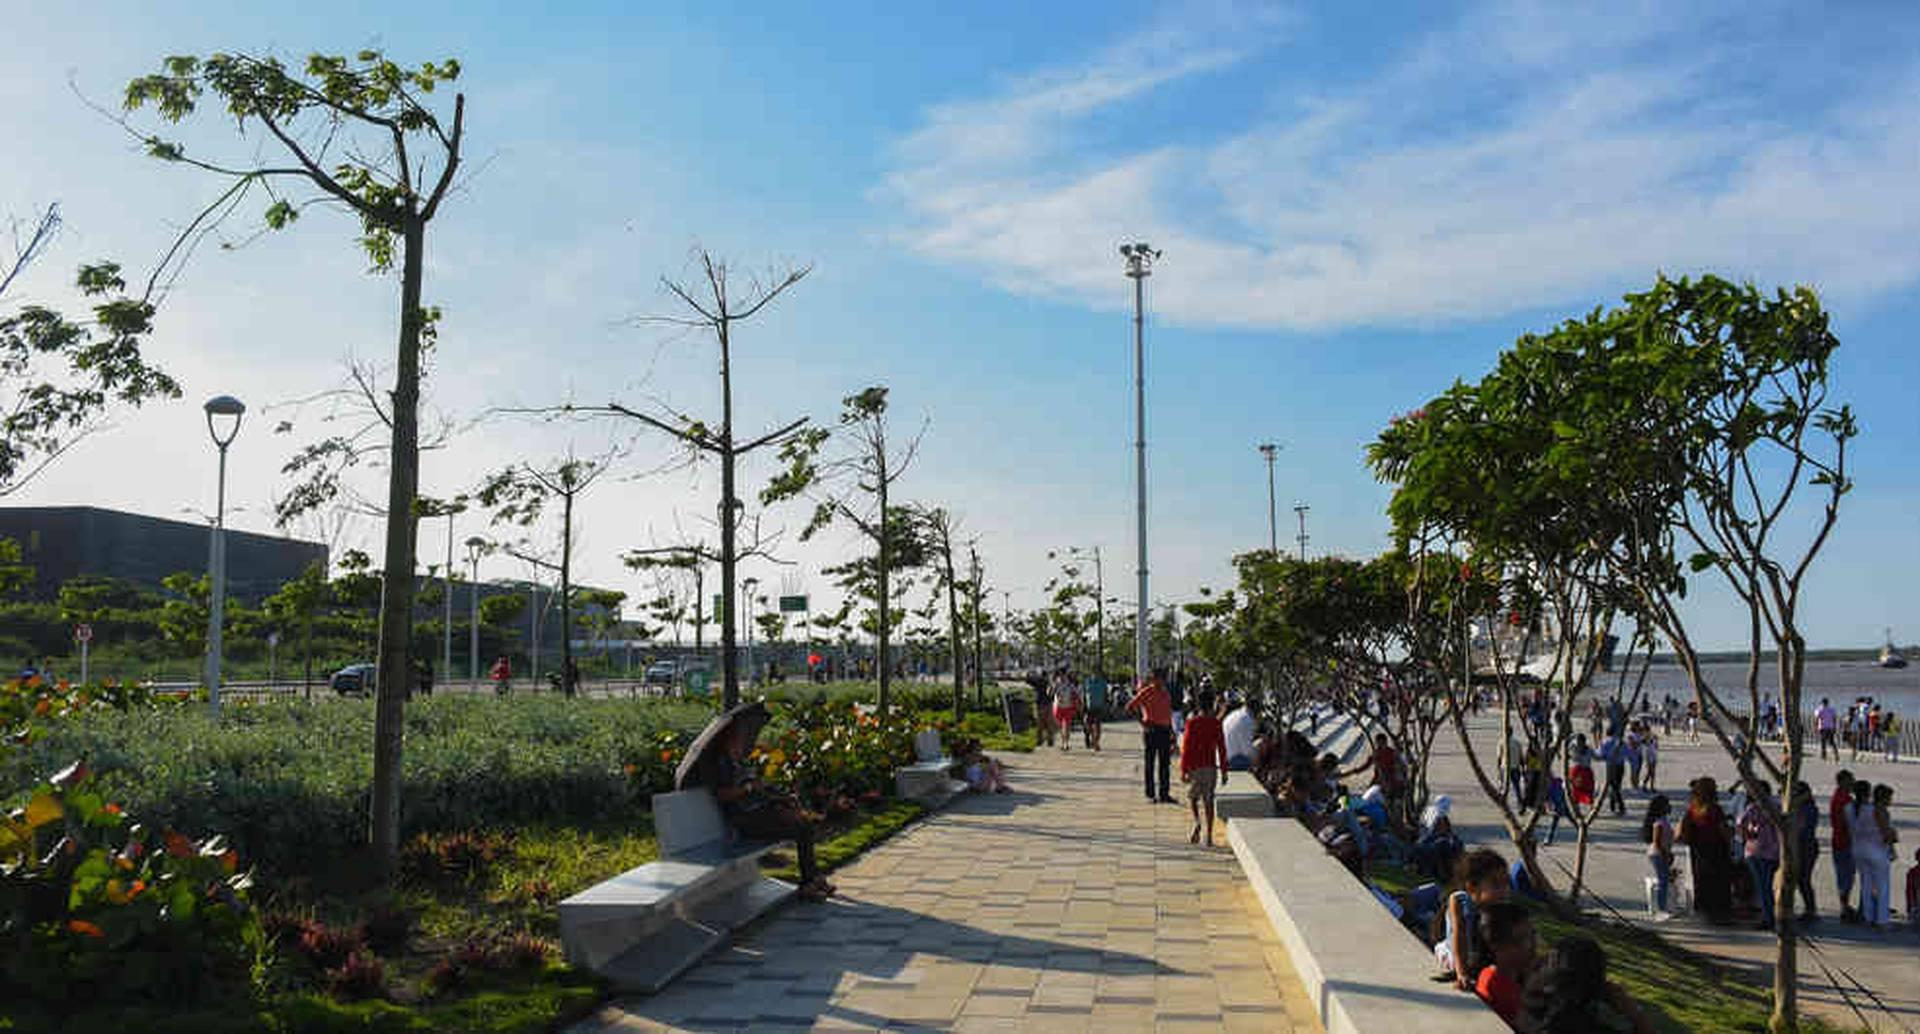 El programa 'Siembra Barranquilla' se encarga de la siembra y la preservación de más de 250.000 especies de árboles en la ciudad.